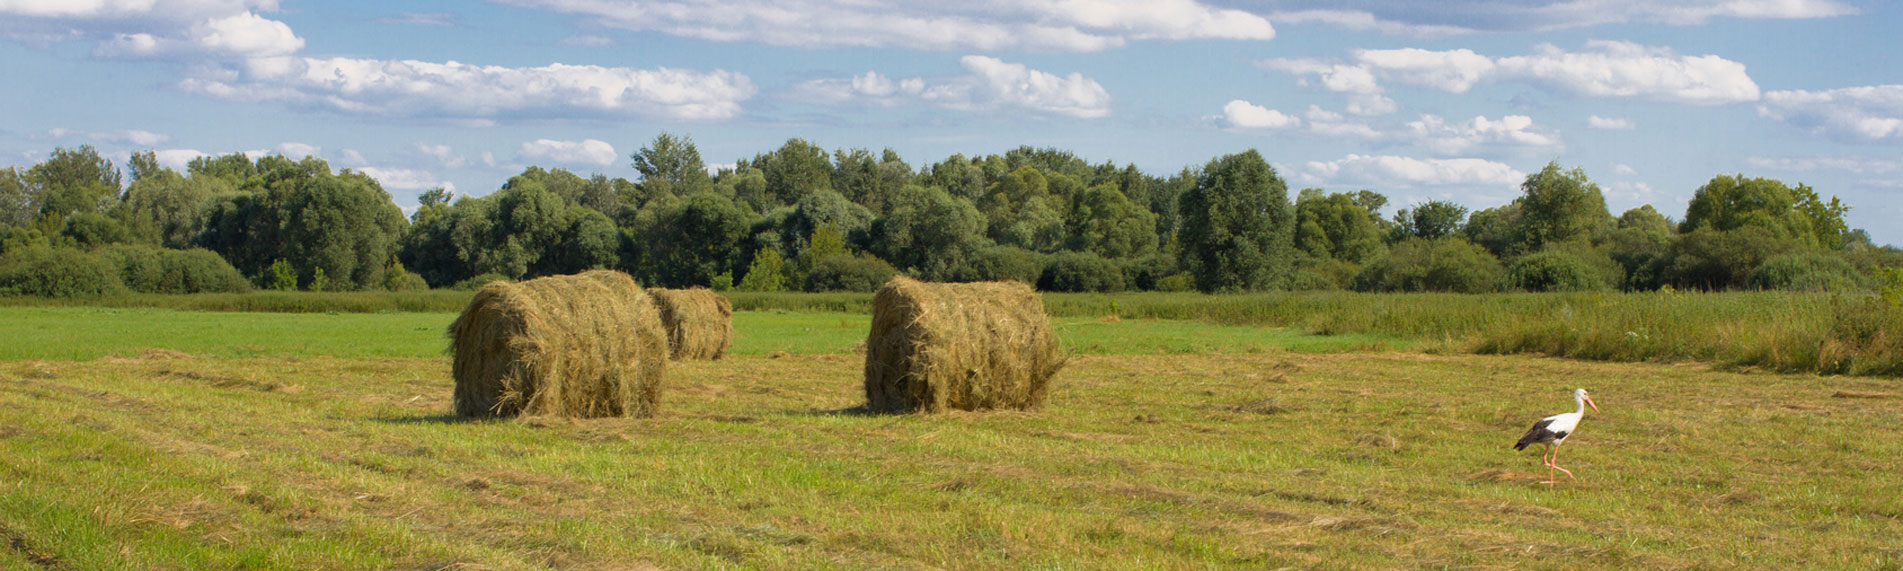 Fresh Cut Hay Bales